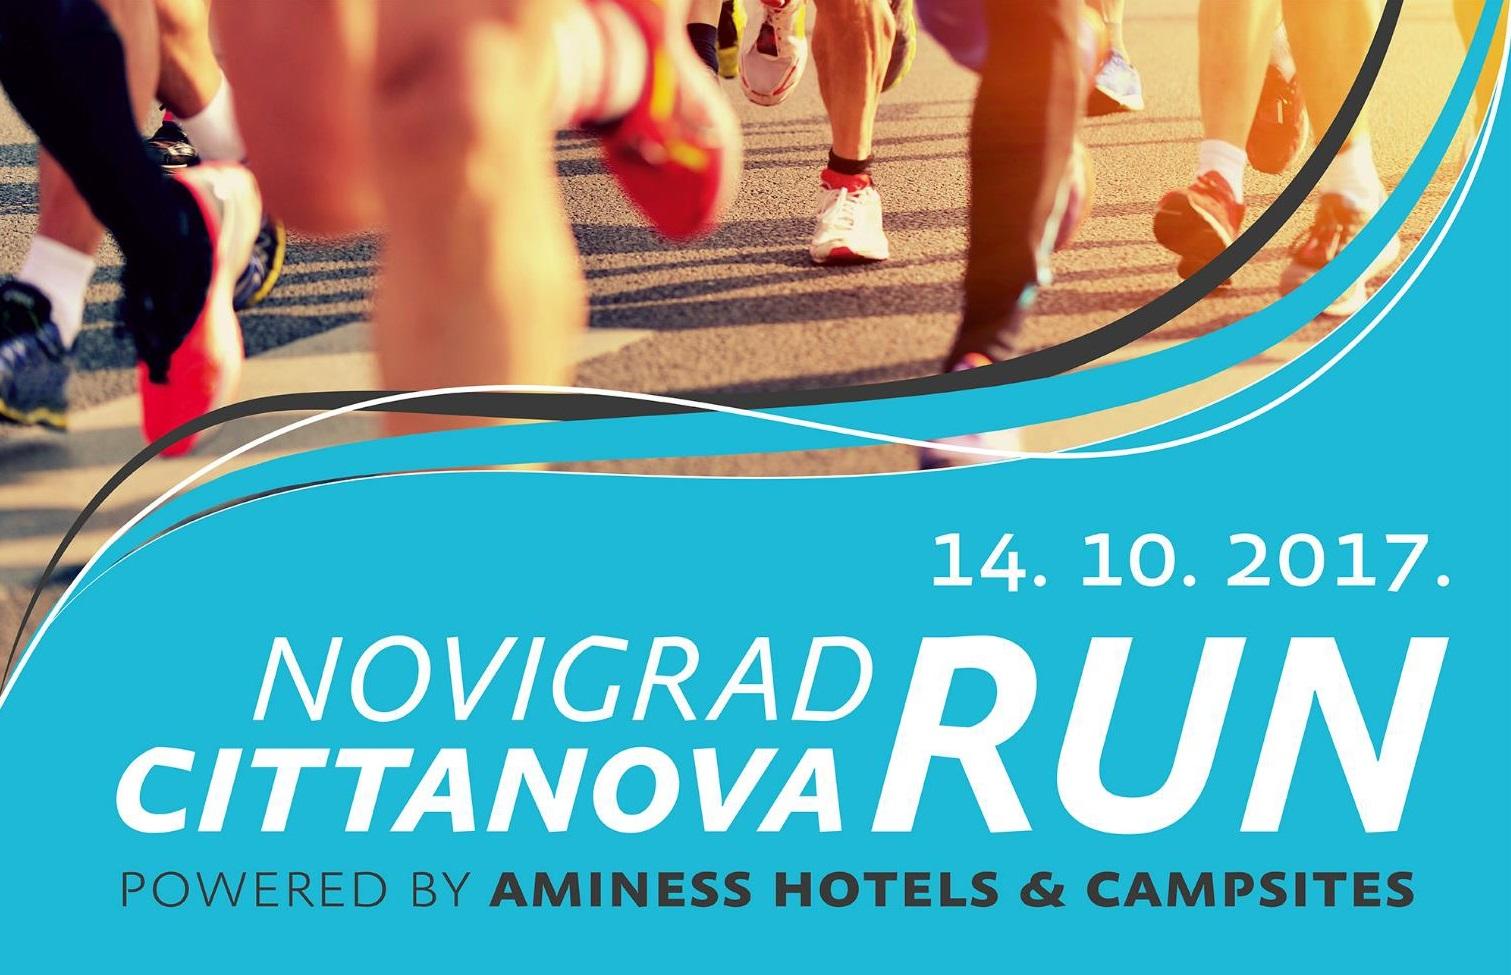 http://www.novigrad.hr/aperte_le_iscrizioni_alla_corsa_novigrad_cittanova_run